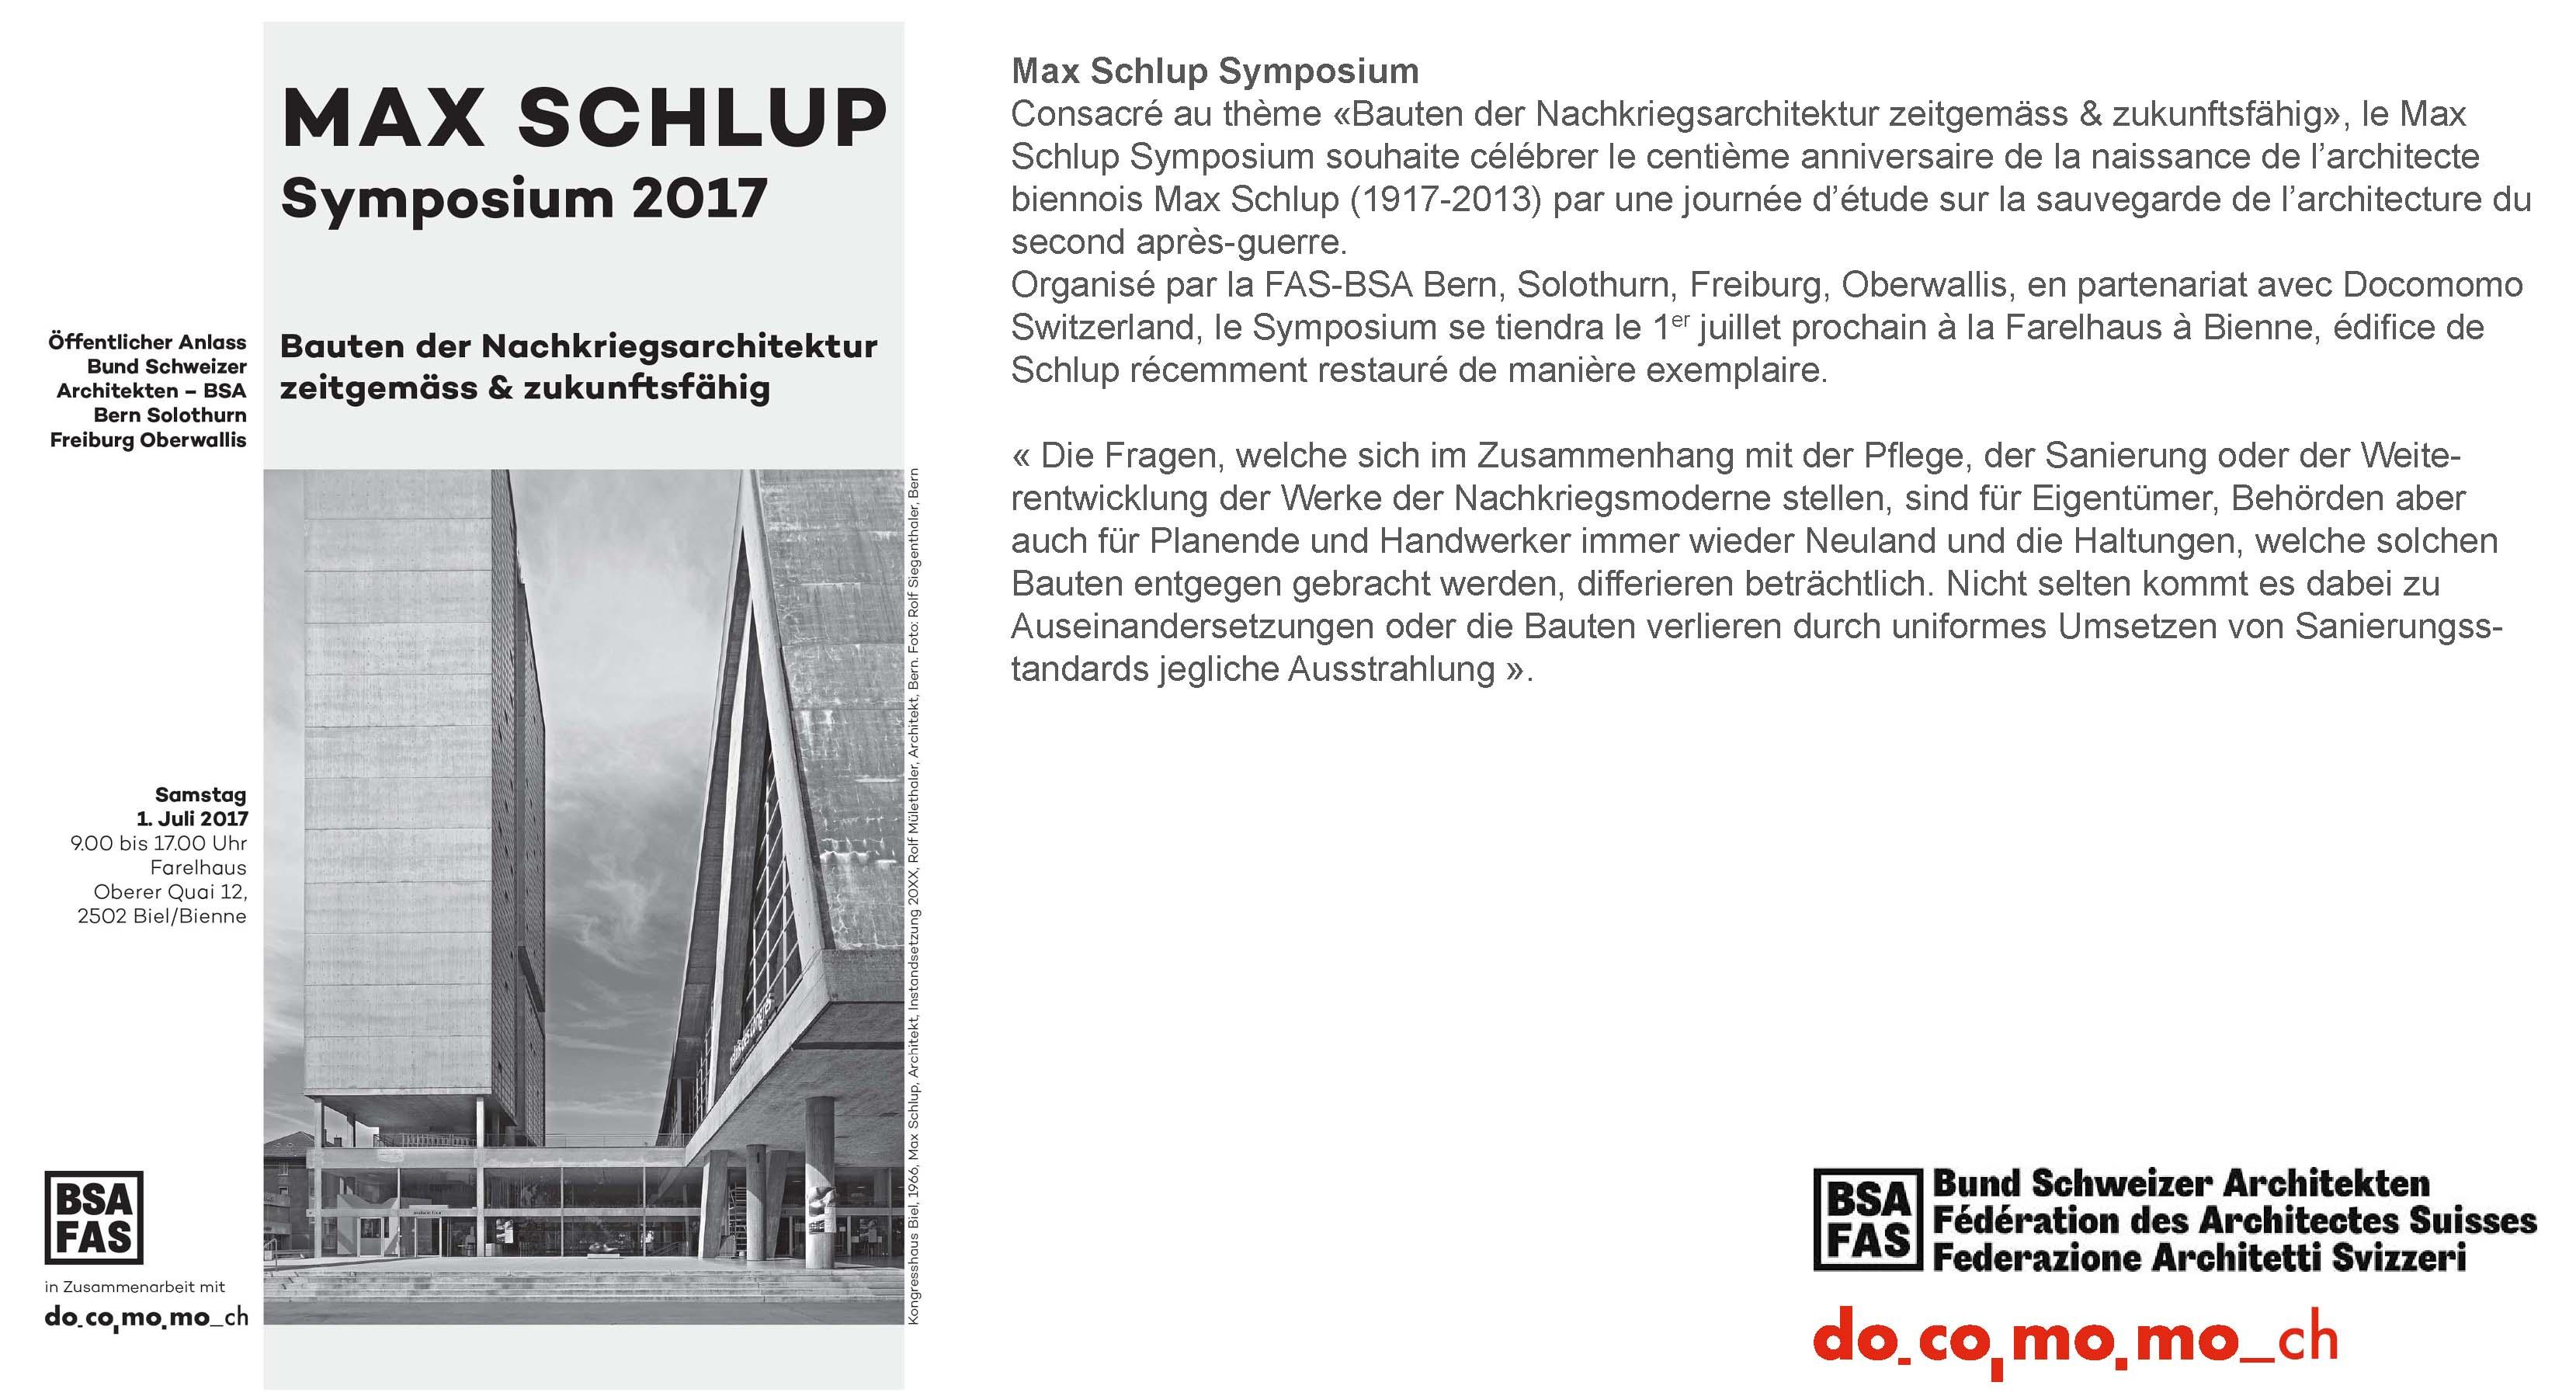 Symposium Max Schlup_news